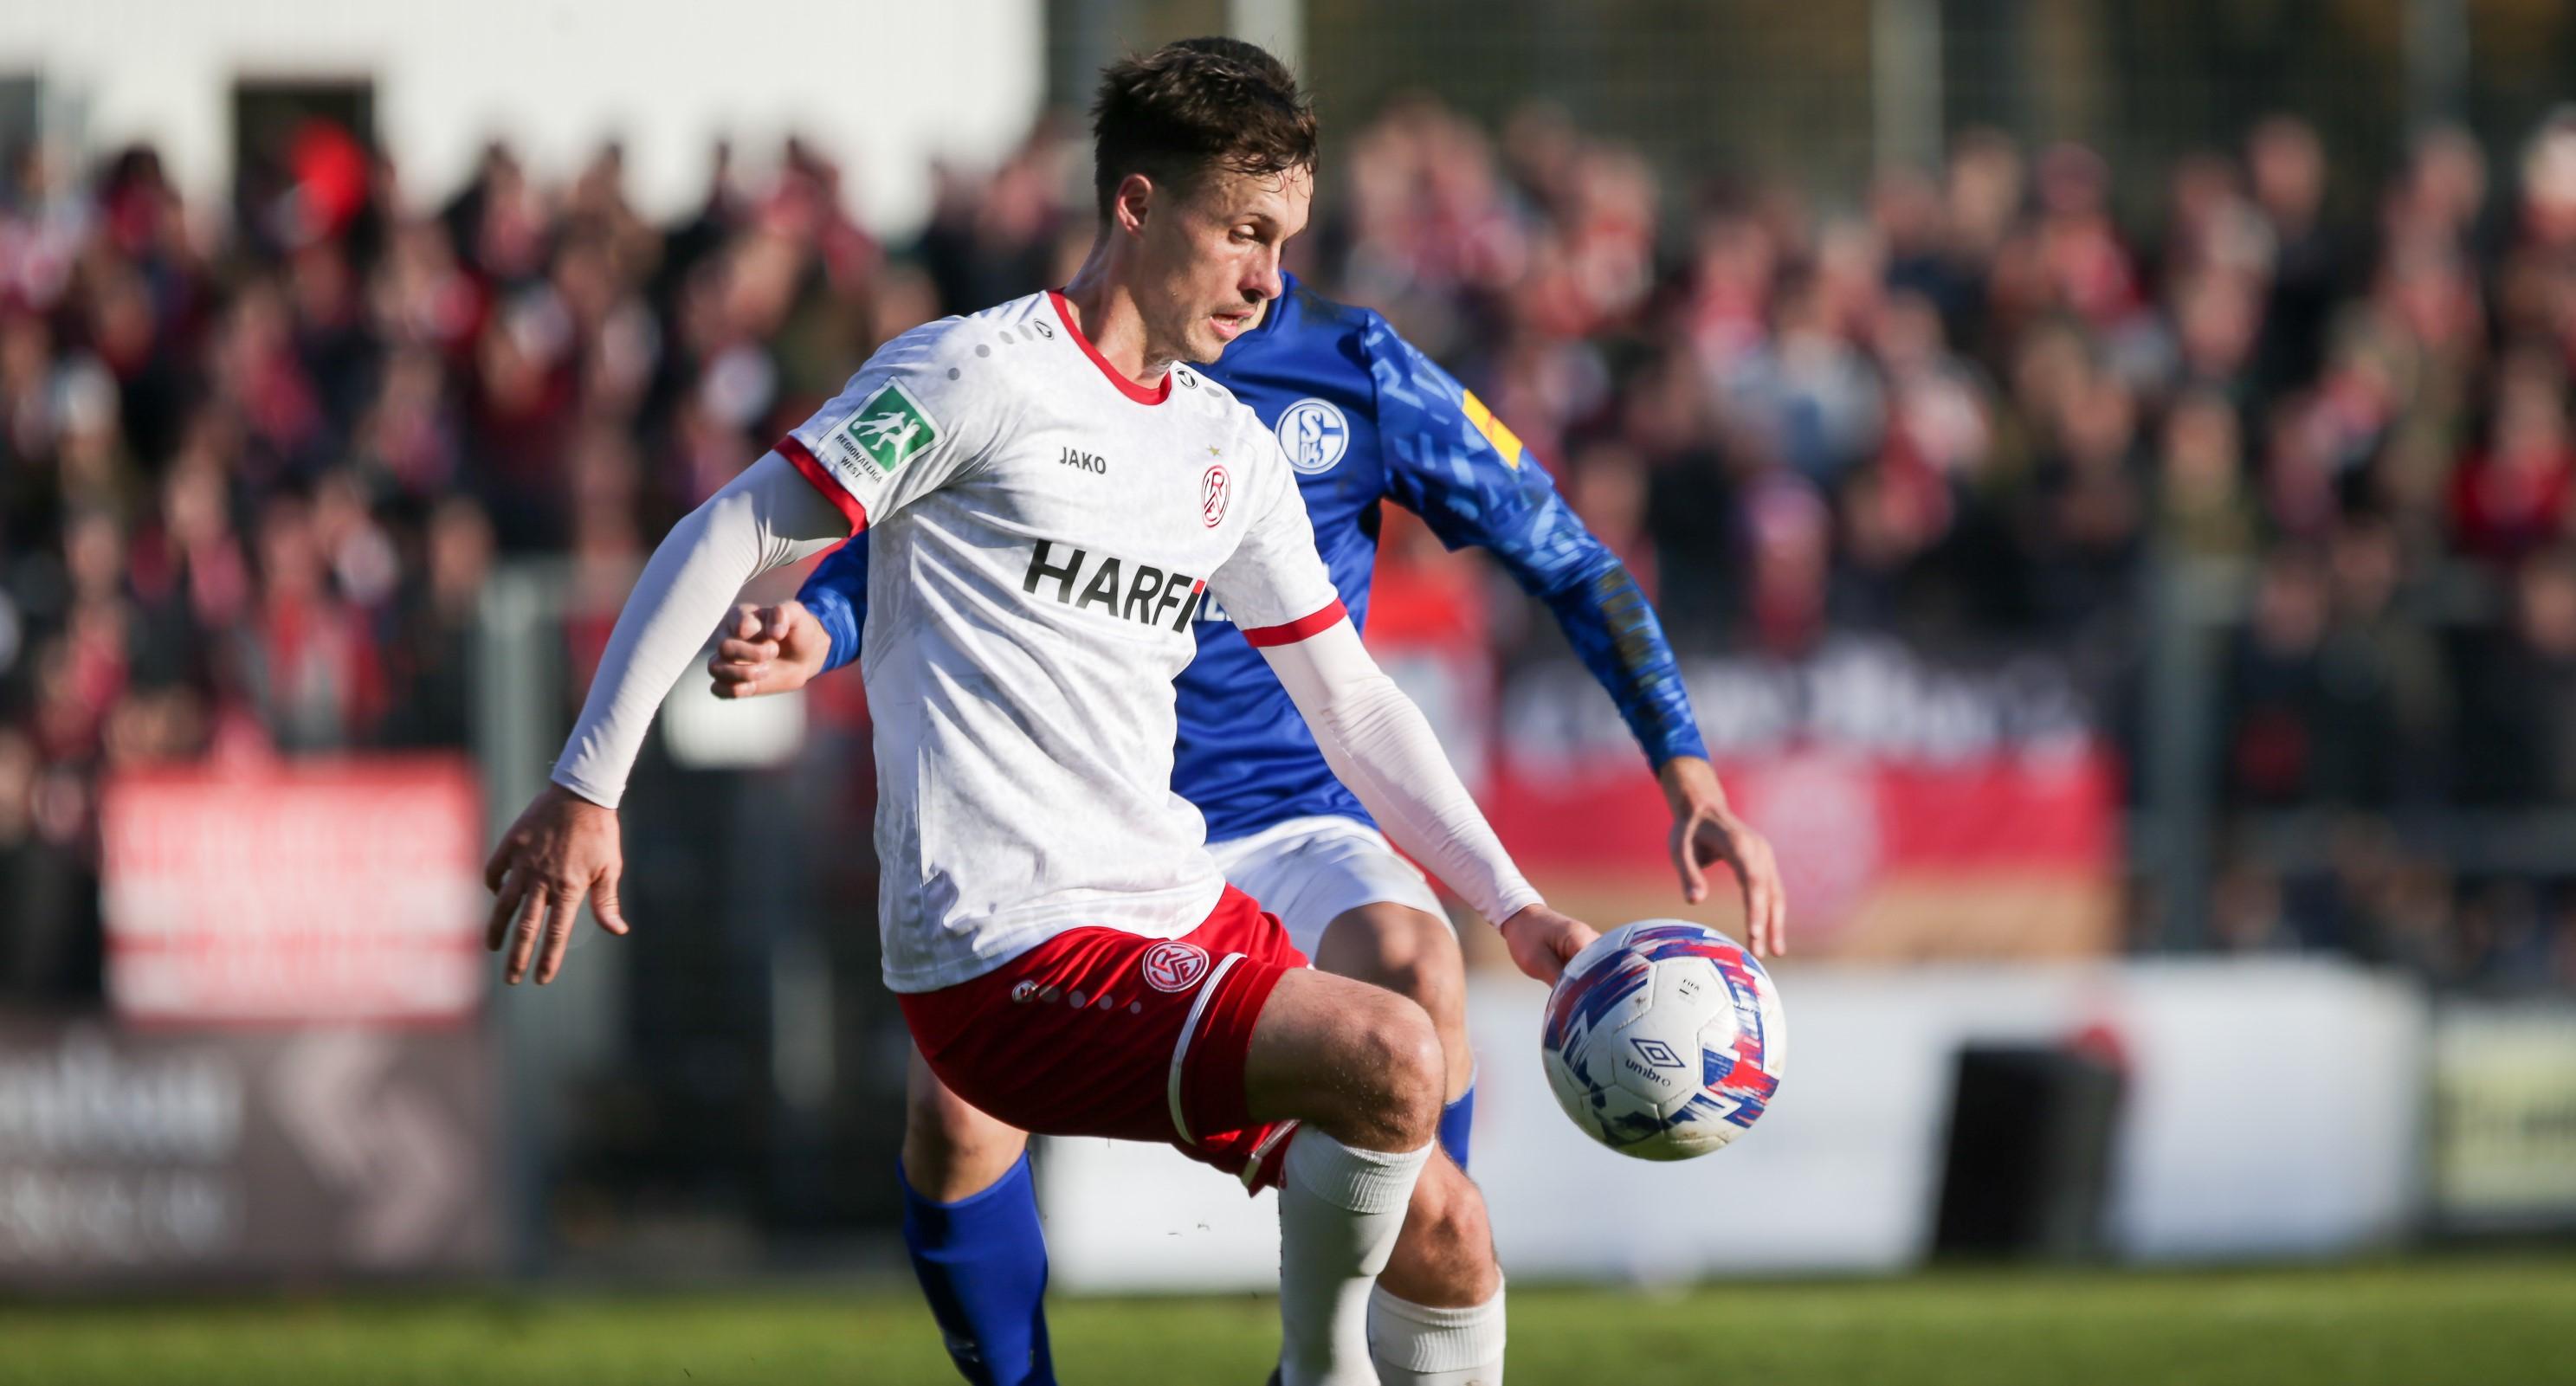 Am Samstag um 15.30 Uhr treffen Marcel Platzek und Co. im Gelsenkirchener Parkstadion auf die Reserve von Schalke 04.